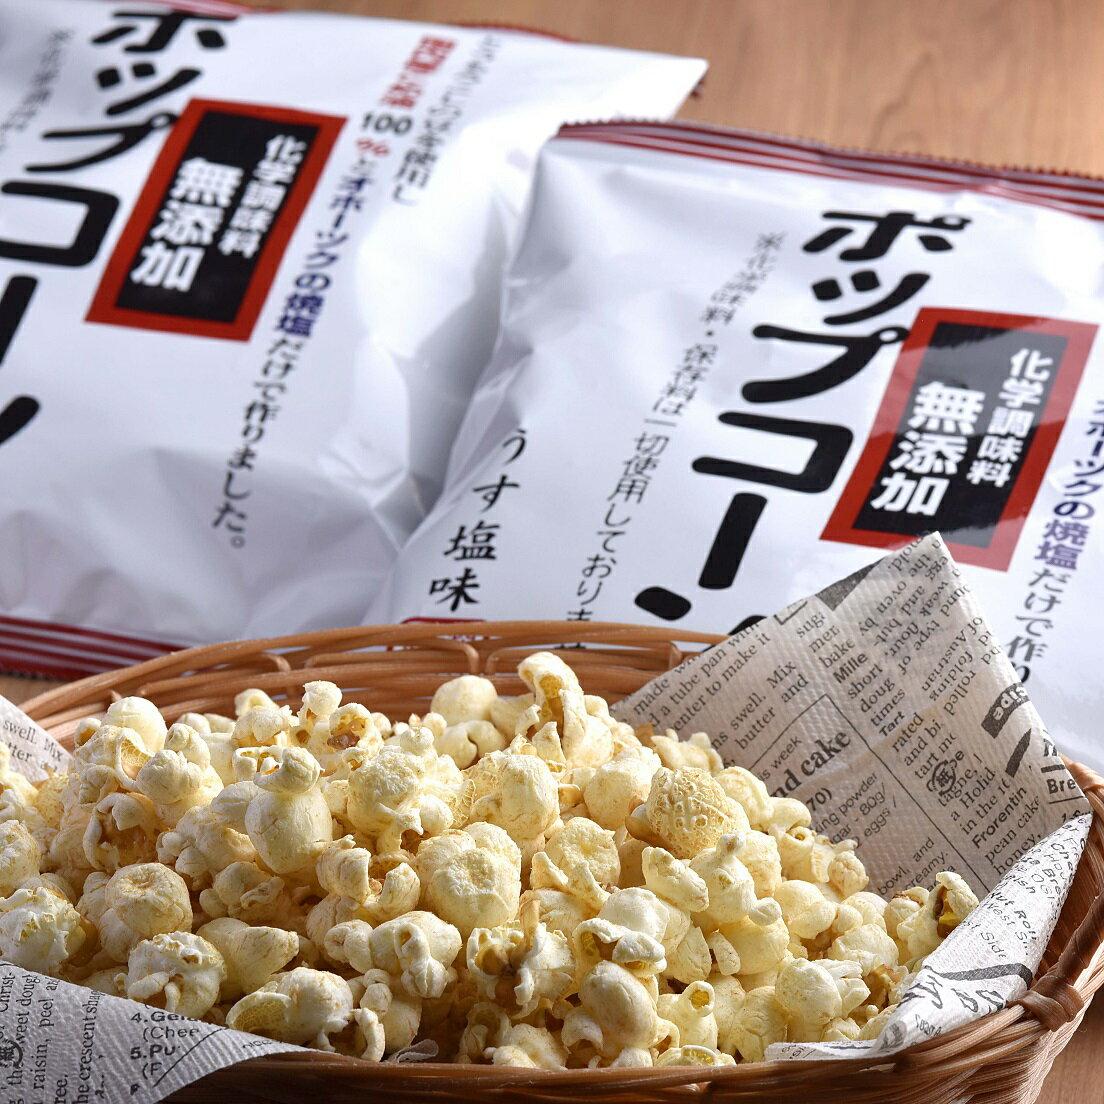 【ふるさと納税】S008014 化学調味料無添加ポップコーン24袋